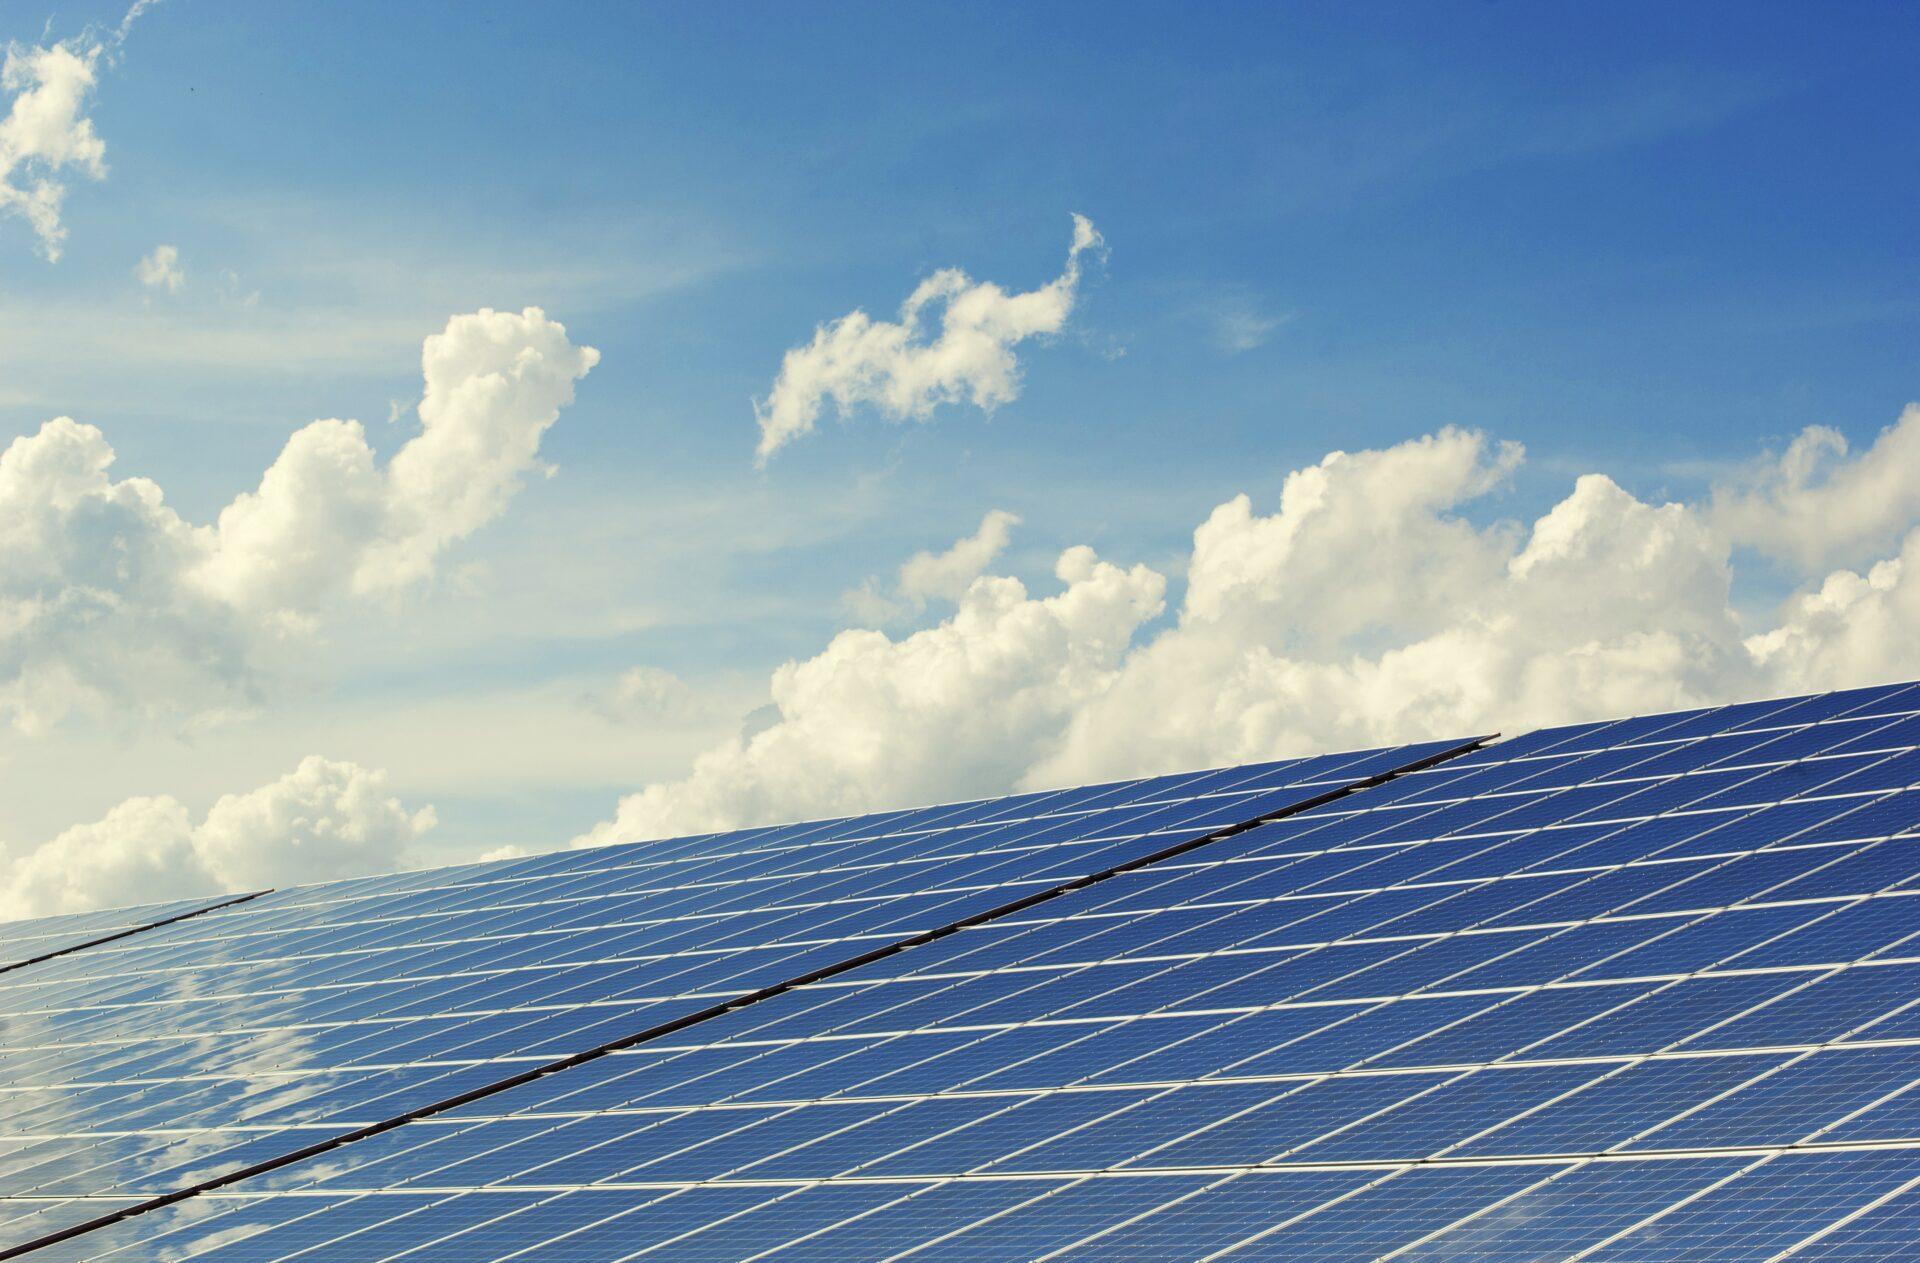 offerte zonnepanelen sunelektro | zonnepanelen | elektriciteitswerken | domotica | verlichting | eco kachels | laadpalen | opslagsystemen | energiemanagement | duurzame technieken | realisaties